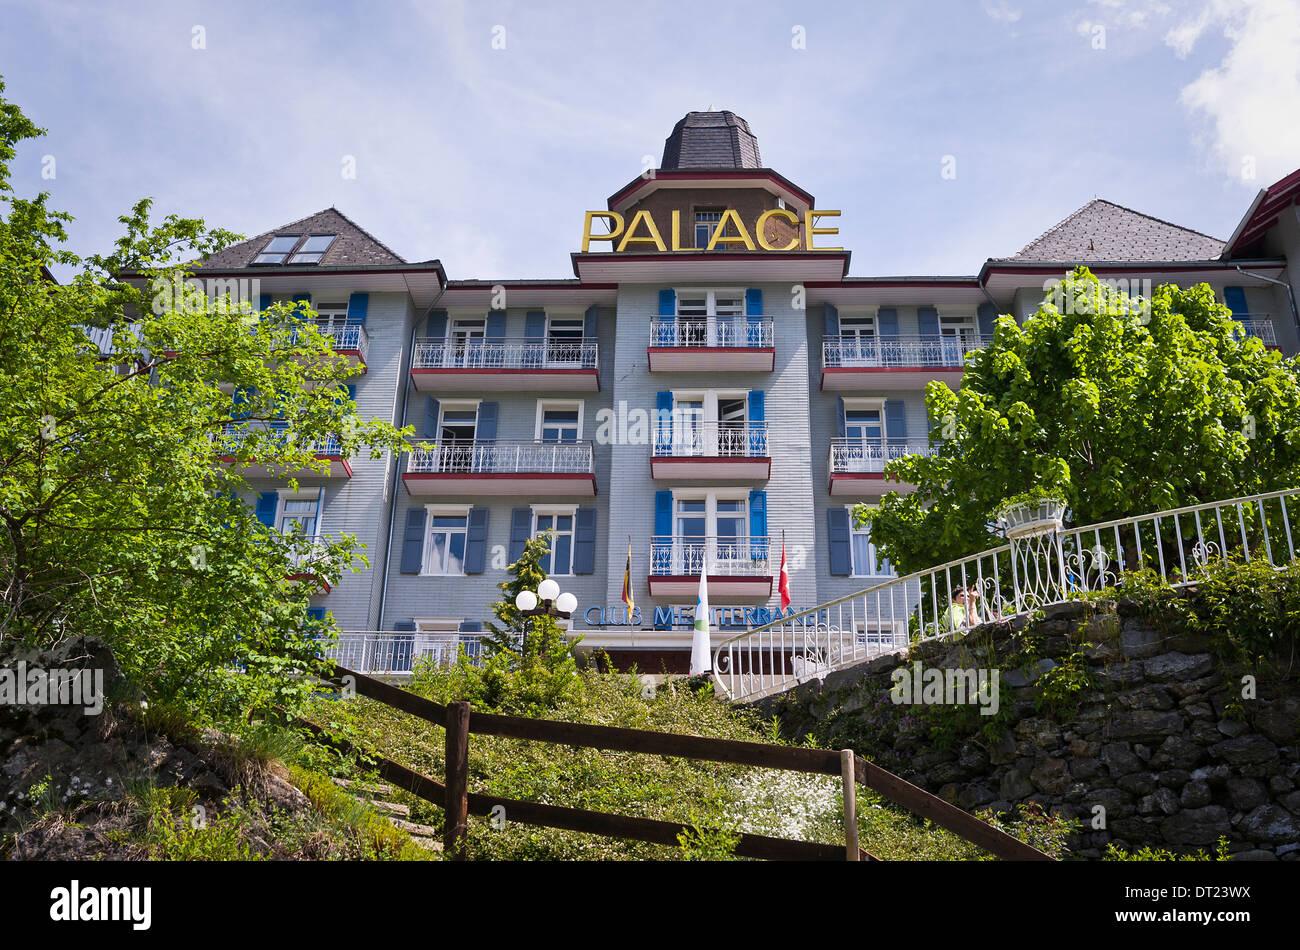 Wengen switzerland palace hotel images for Hotel palace